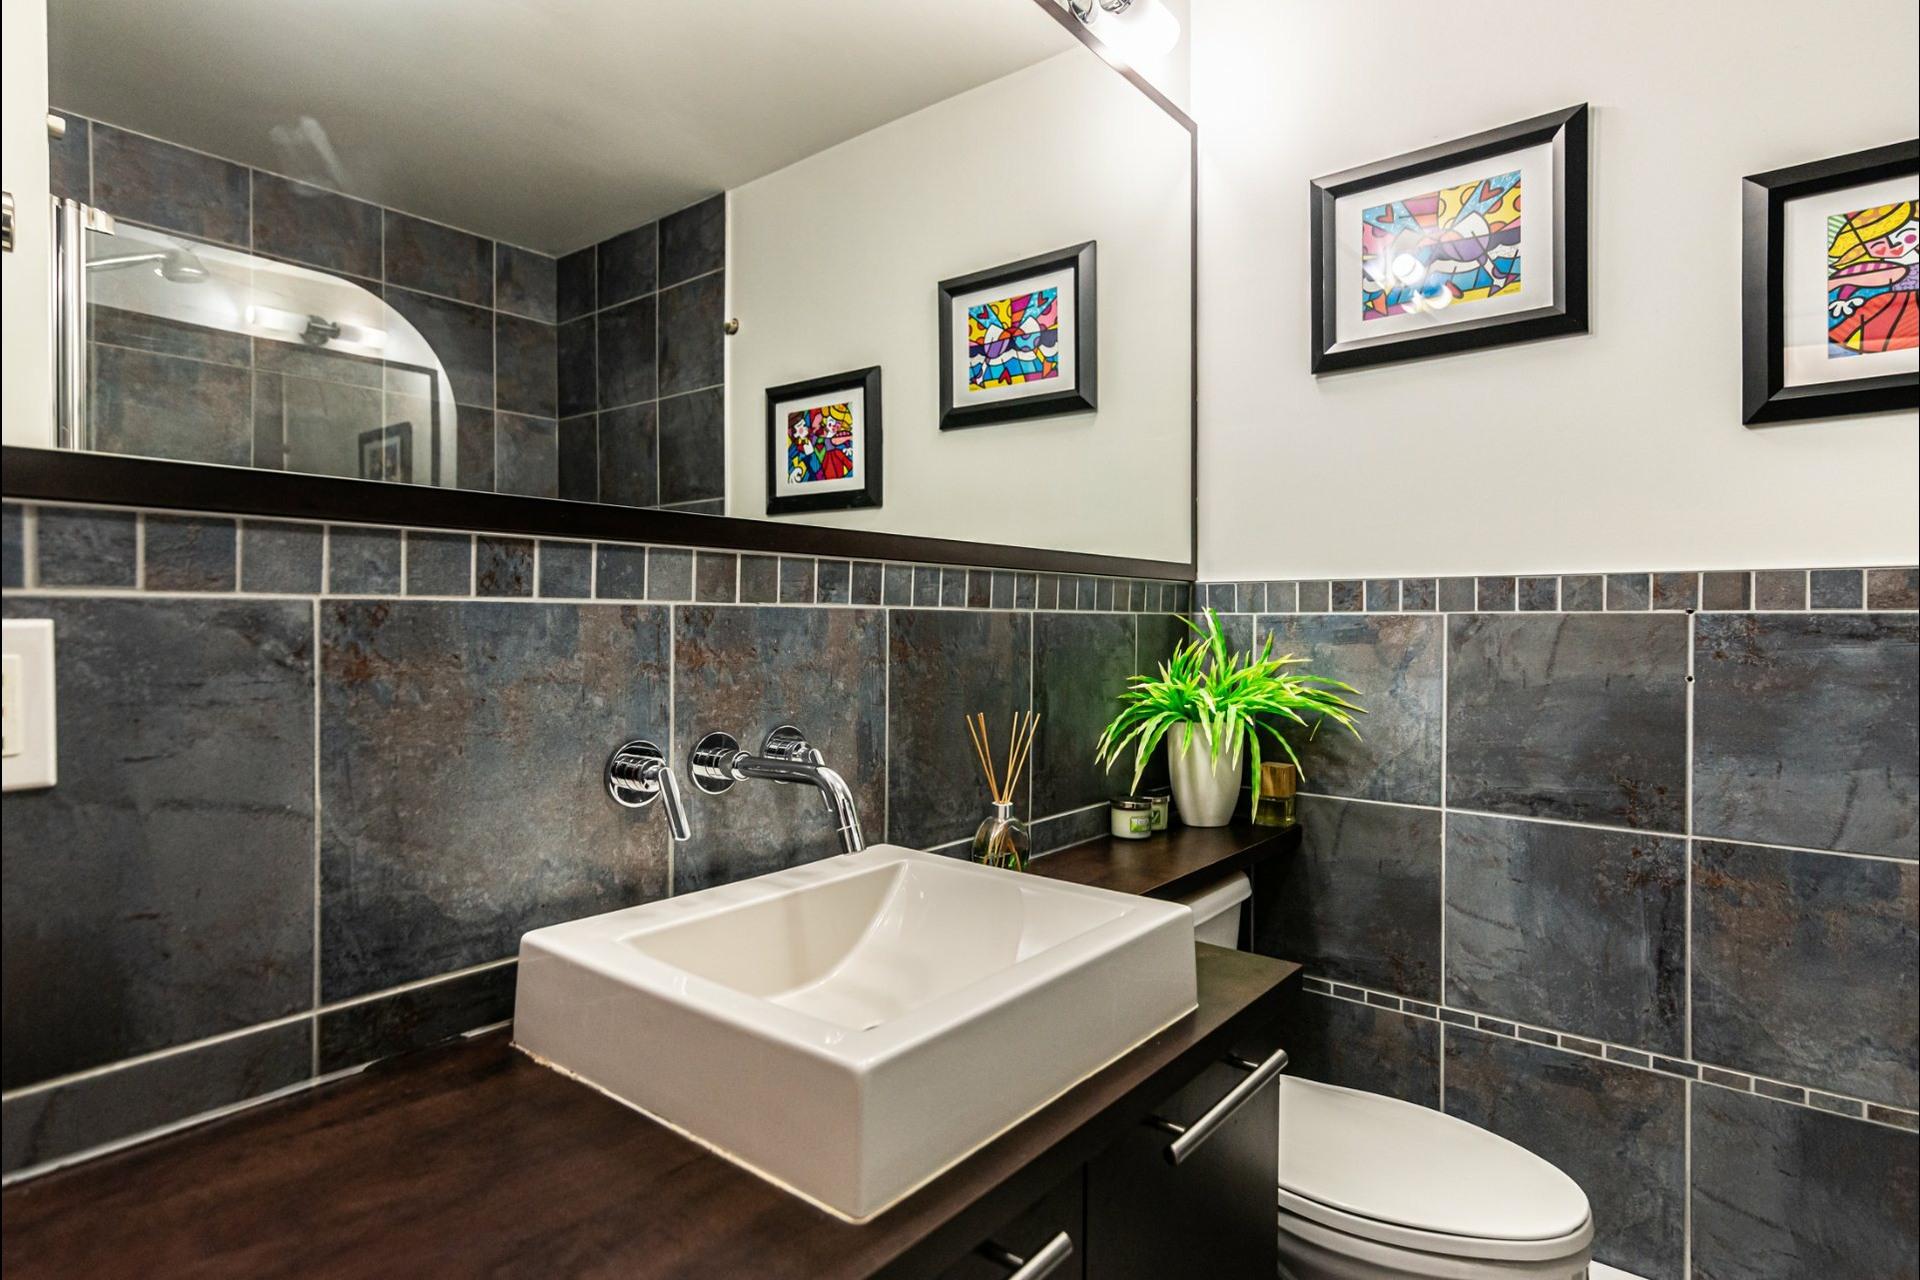 image 10 - Apartment For sale Saint-Laurent Montréal  - 4 rooms